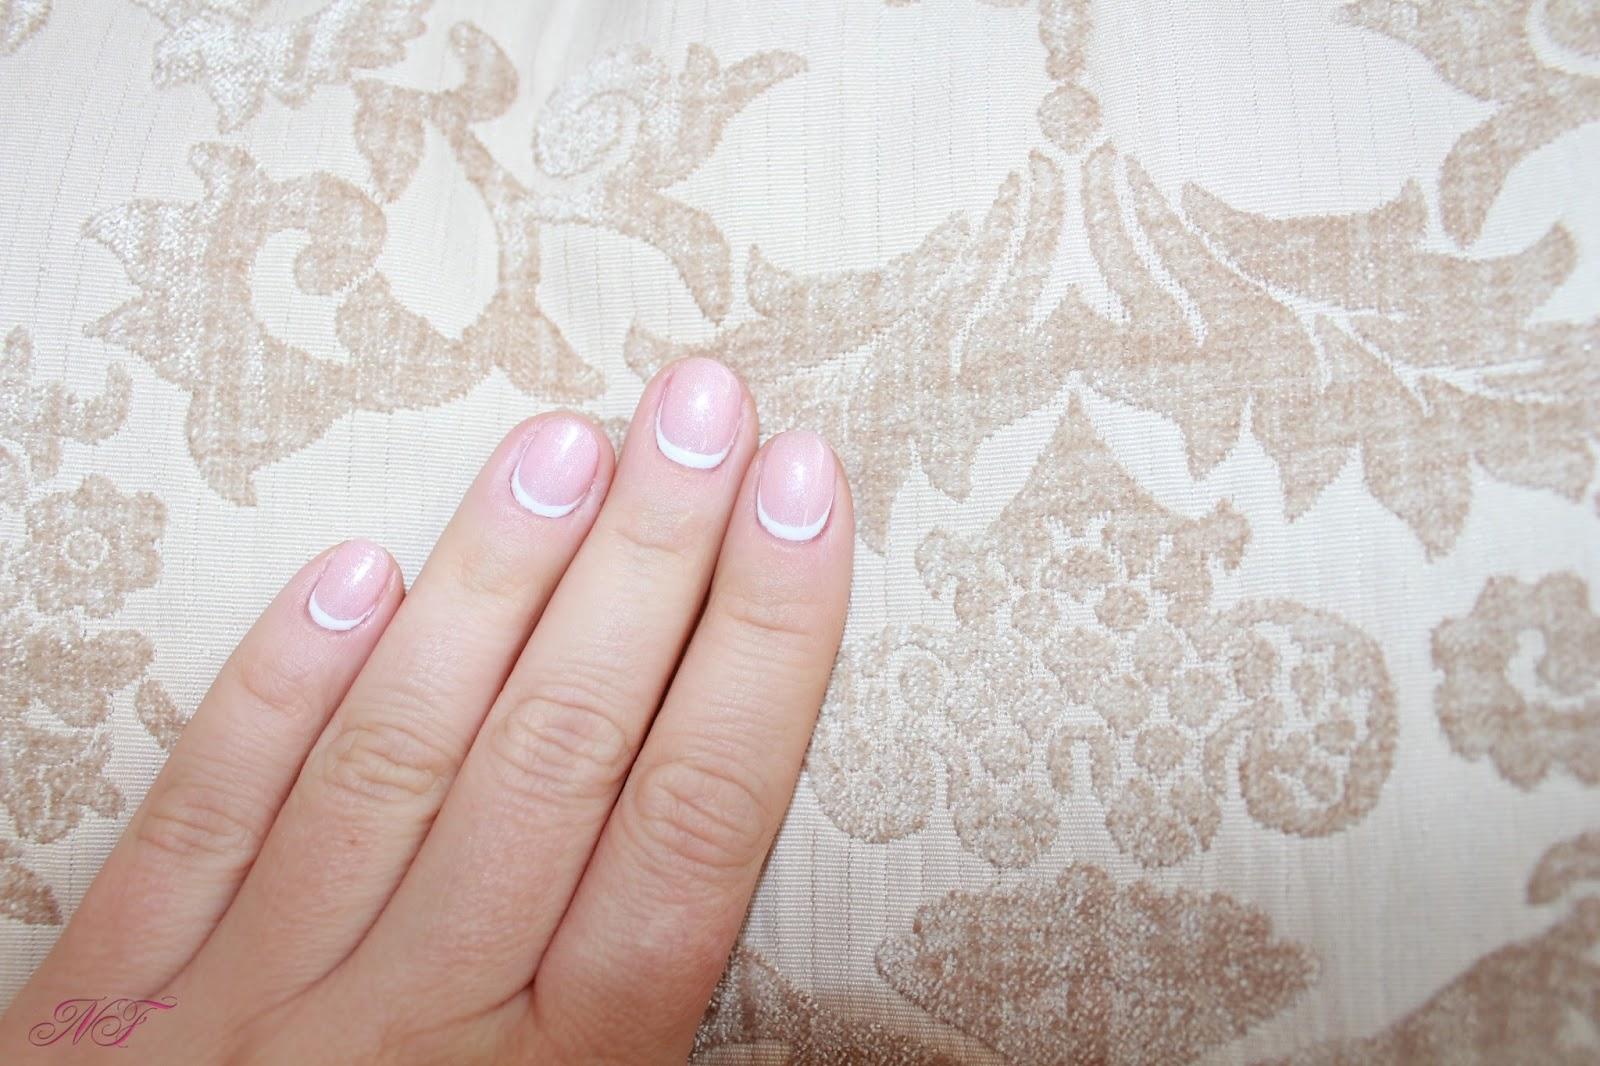 Natalia Funk - Beautyblog: Kennt ihr schon den neuen Lacktrend?